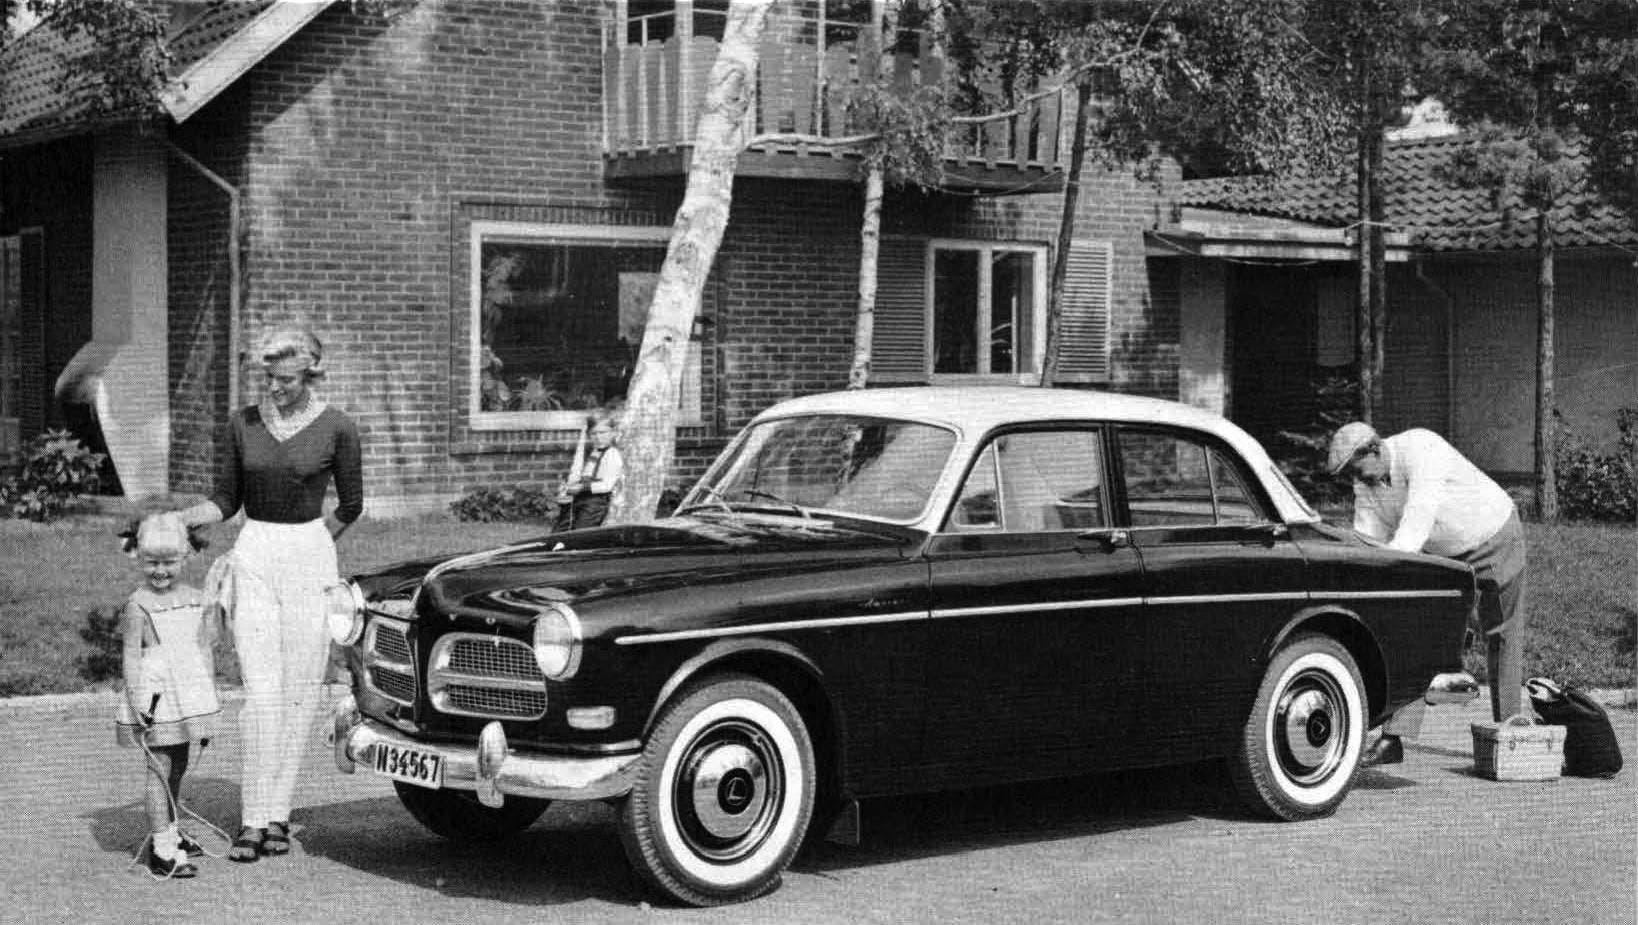 صورة لإحدى سيارات فولفو التي انتشر استخدامها ما بين الخمسينيات والستينيات